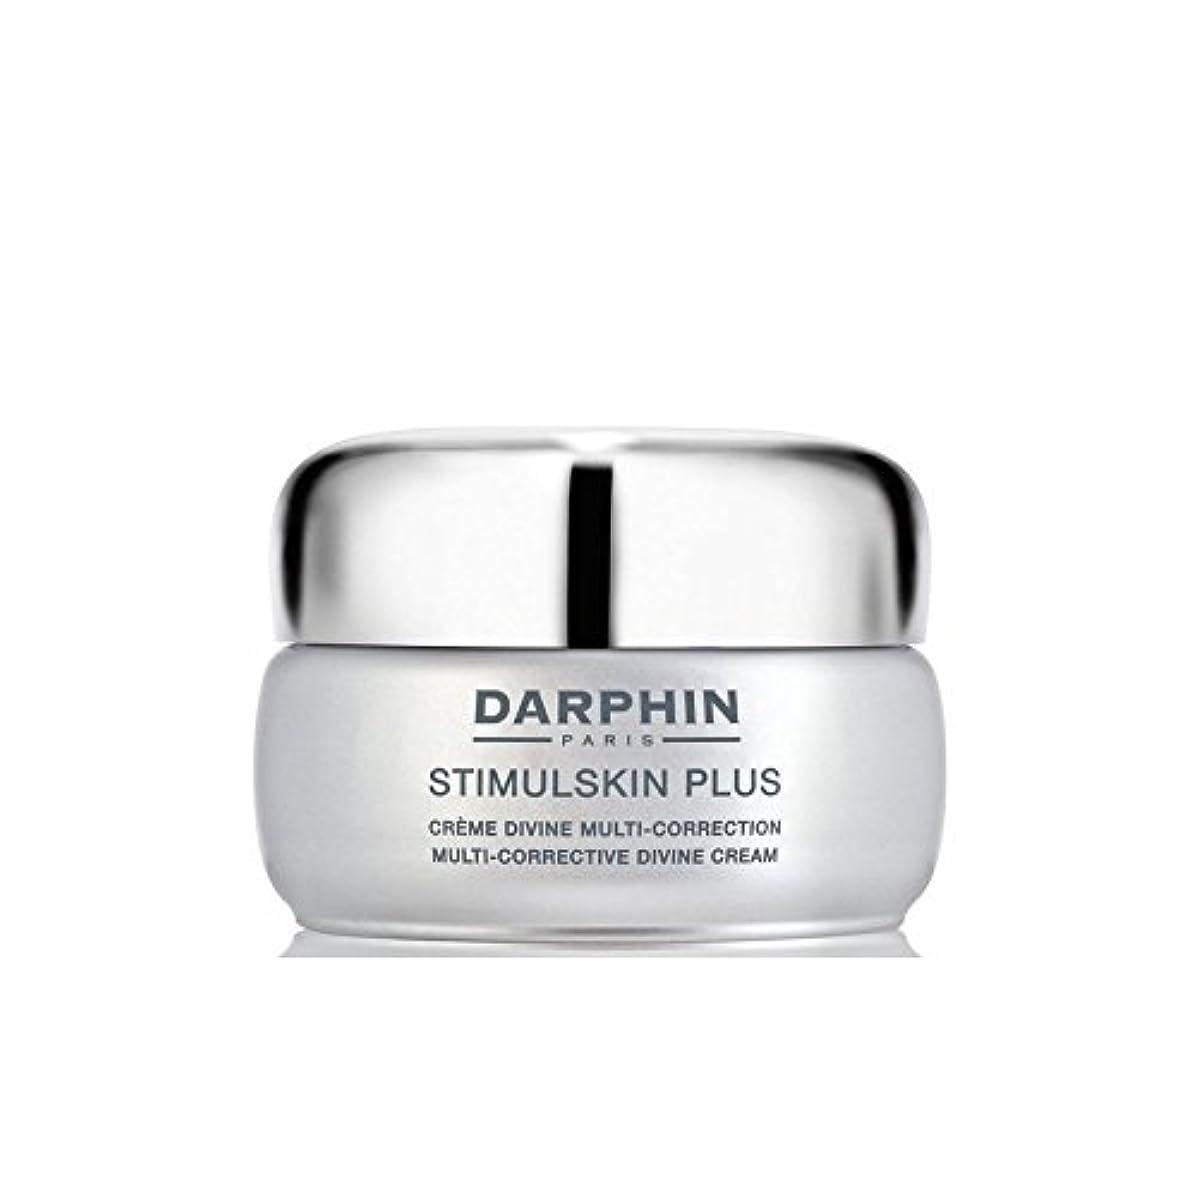 発行する人間拮抗するDarphin Stimulskin Plus Multi-Corrective Divine Cream (Pack of 6) - ダルファンスティプラスマルチ是正神のクリーム x6 [並行輸入品]